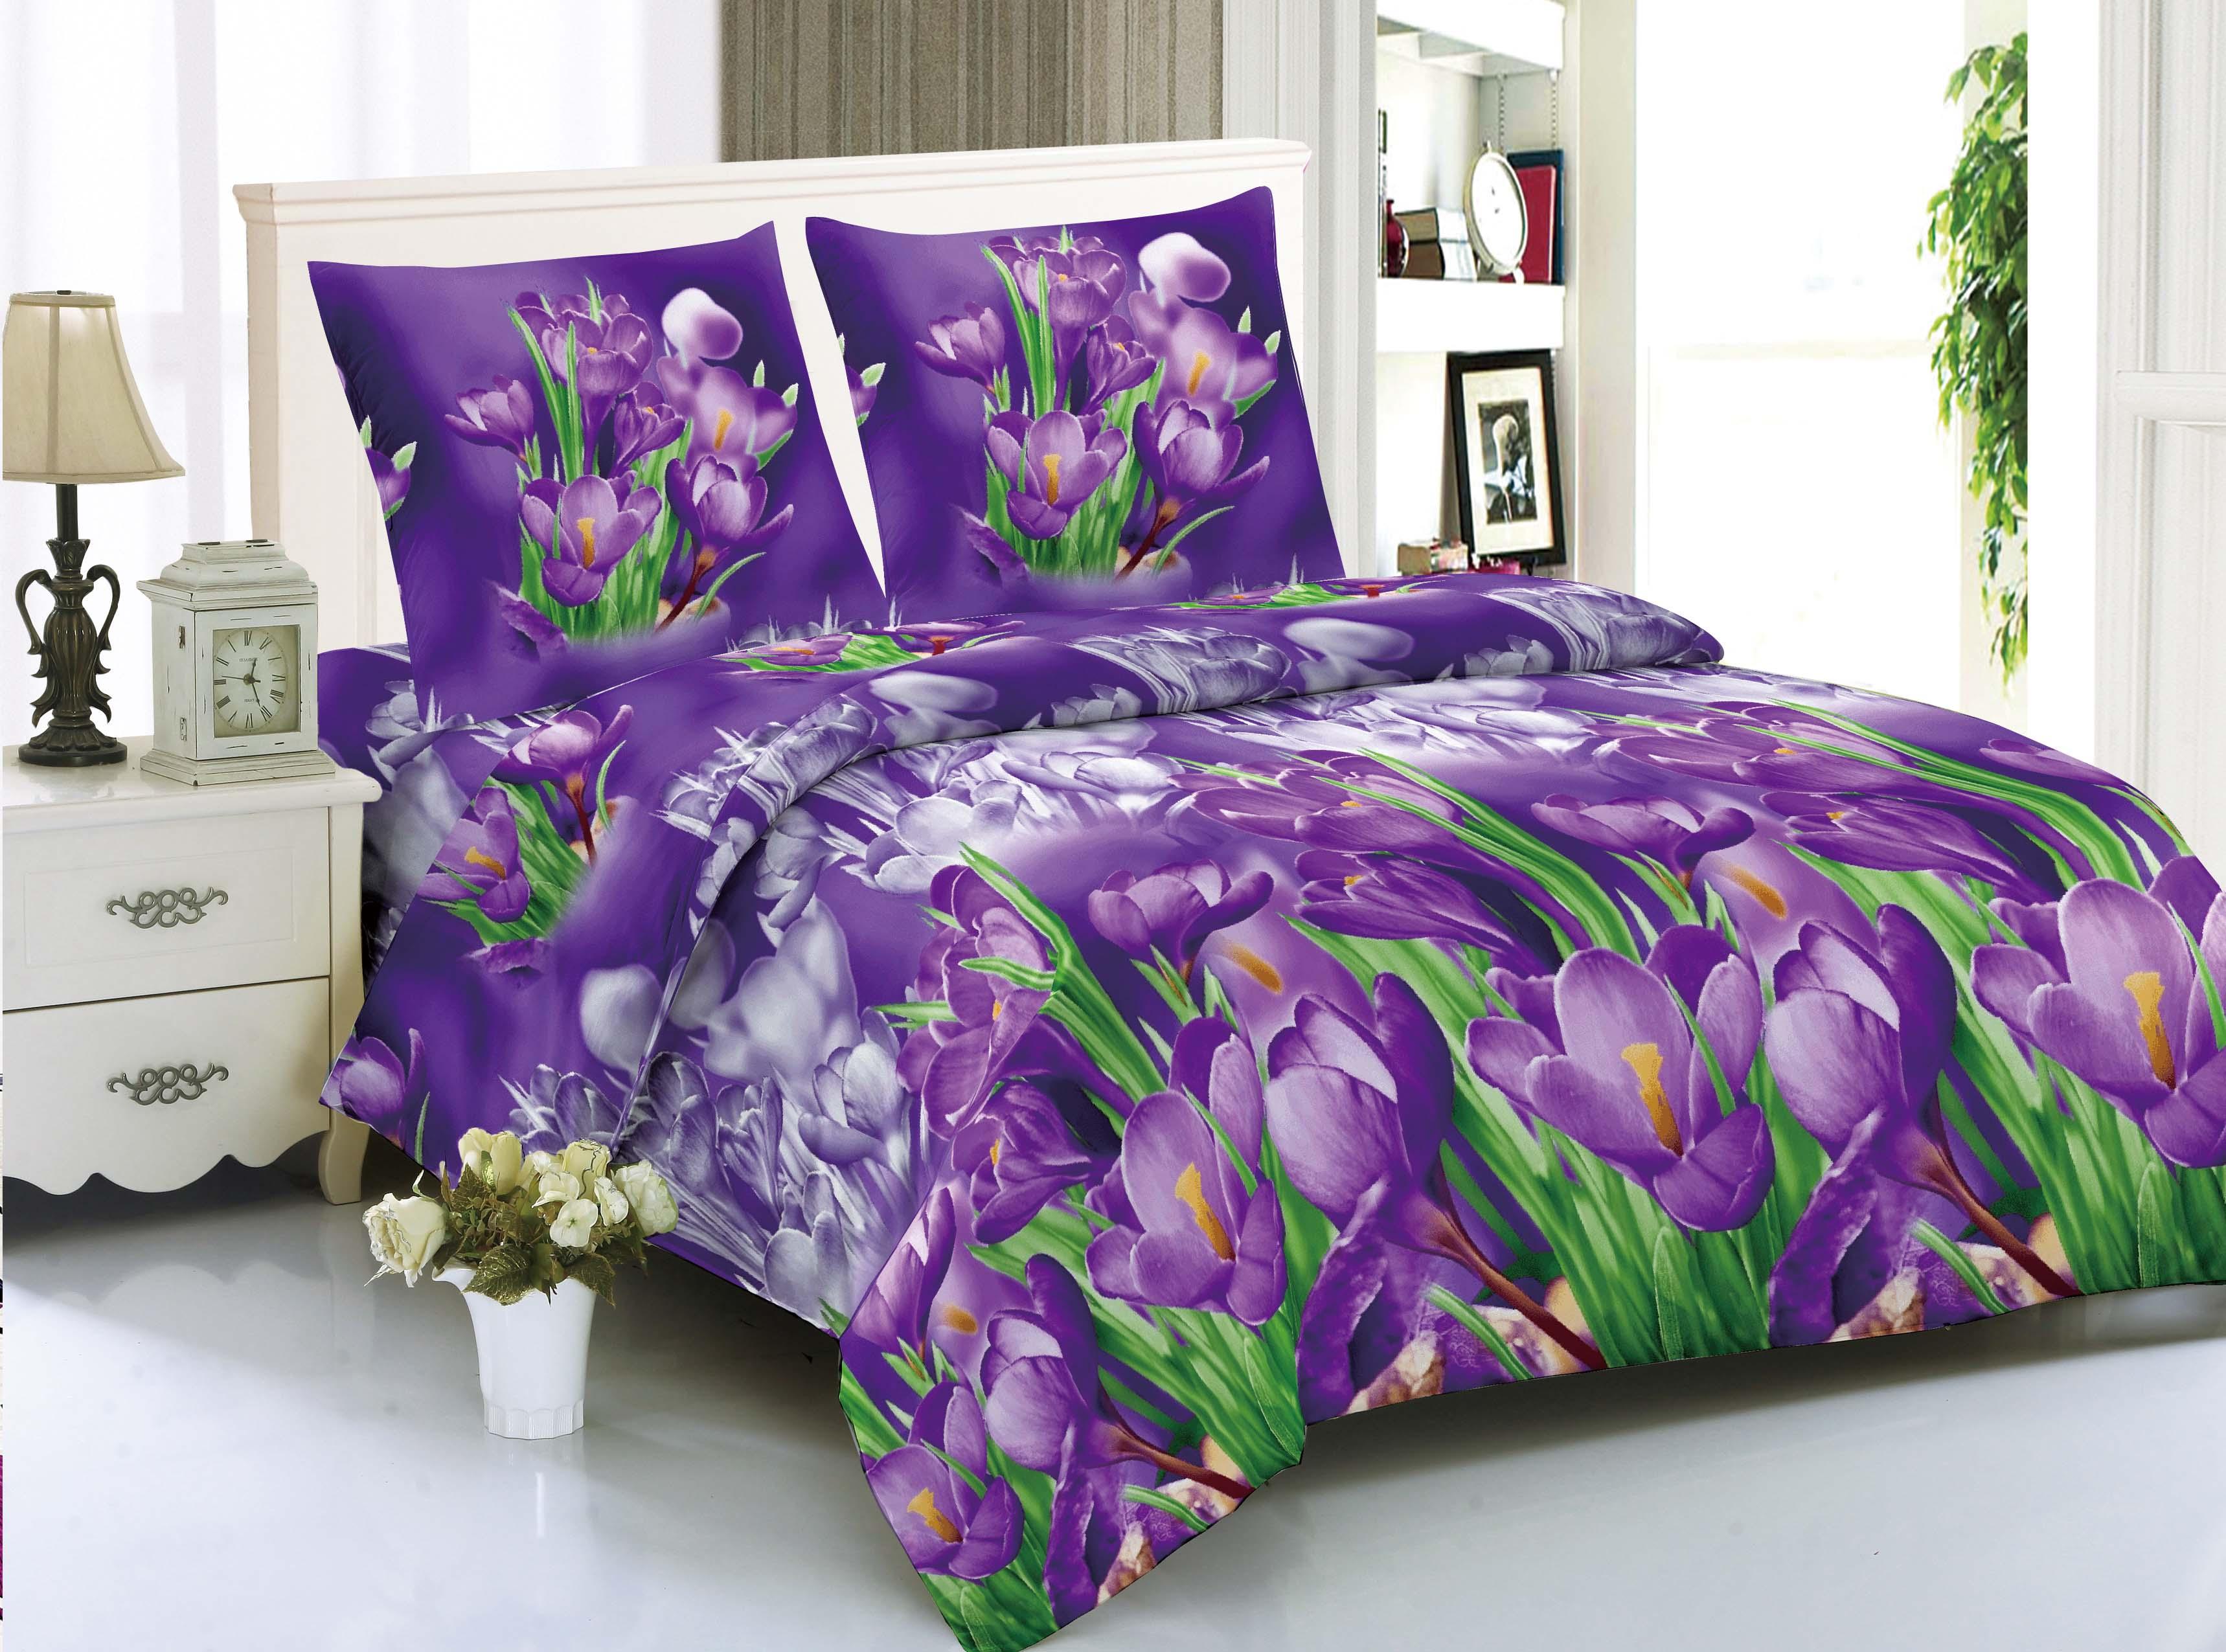 Постельное белье Amore Mio Постельное белье Narva (2 сп. евро) постельное белье amore mio постельное белье glasgow 2 сп евро